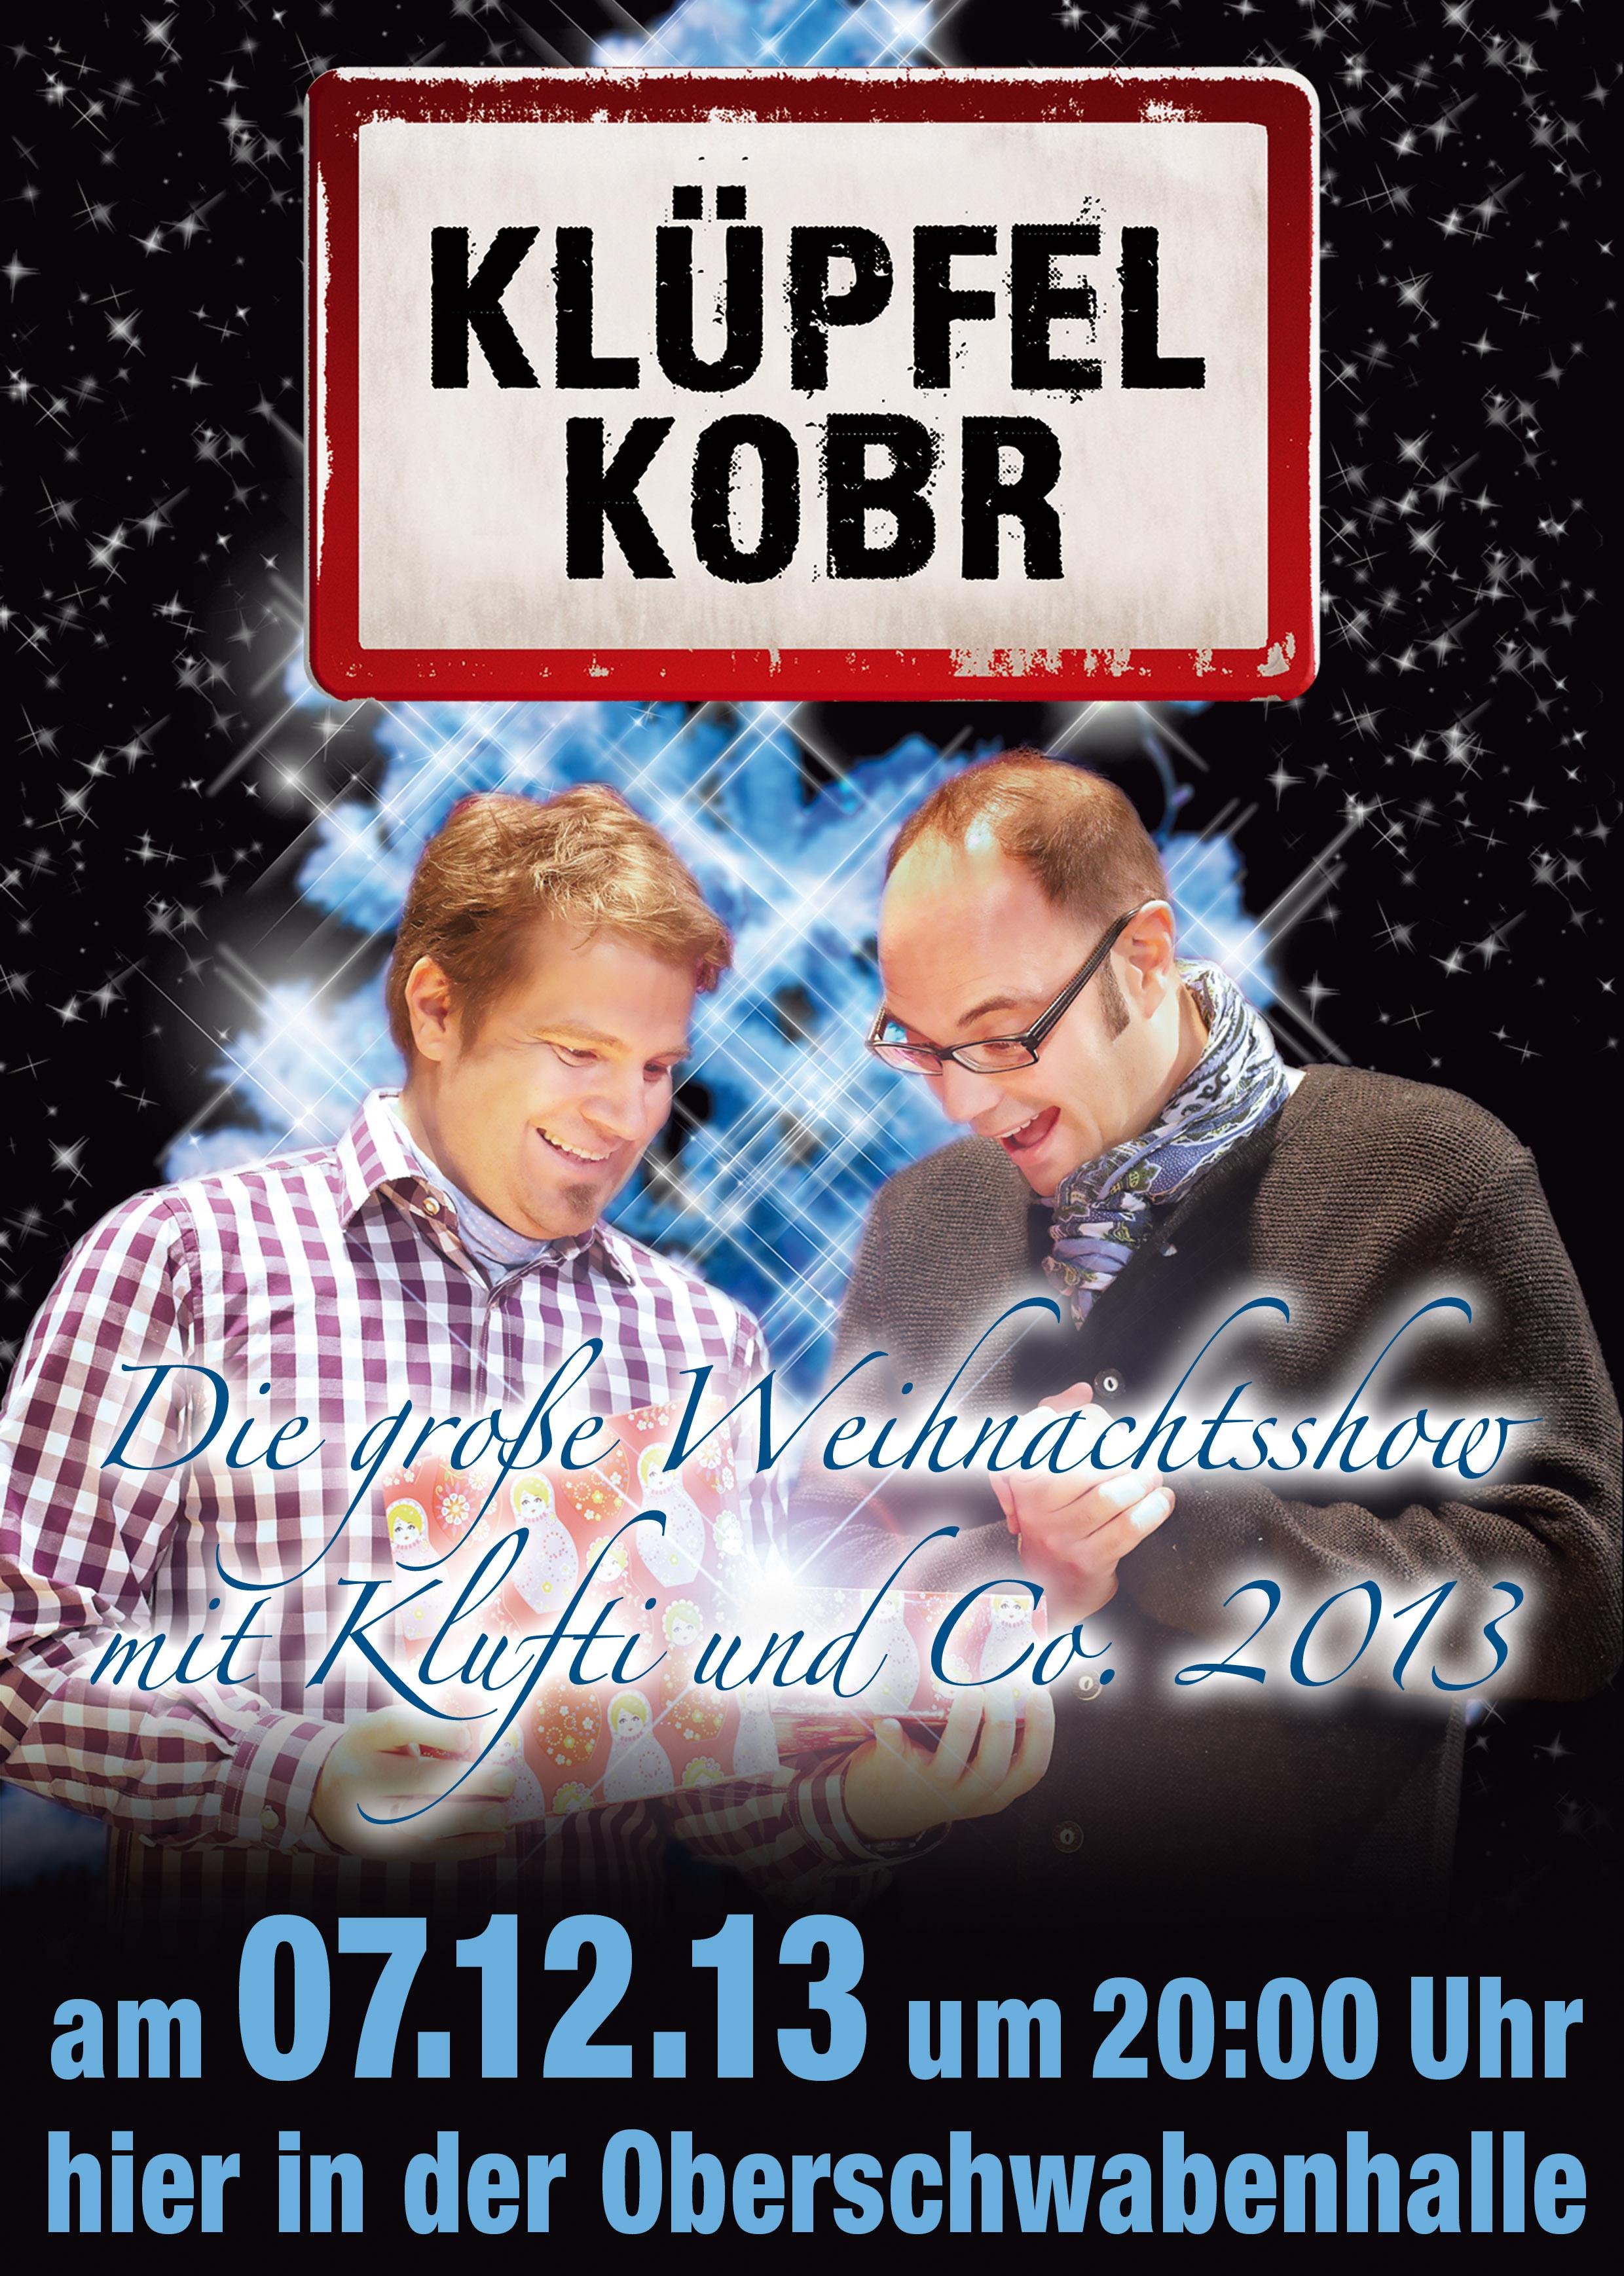 Weihnachtslesung mit Volker Klüpfel und Michael Kobr